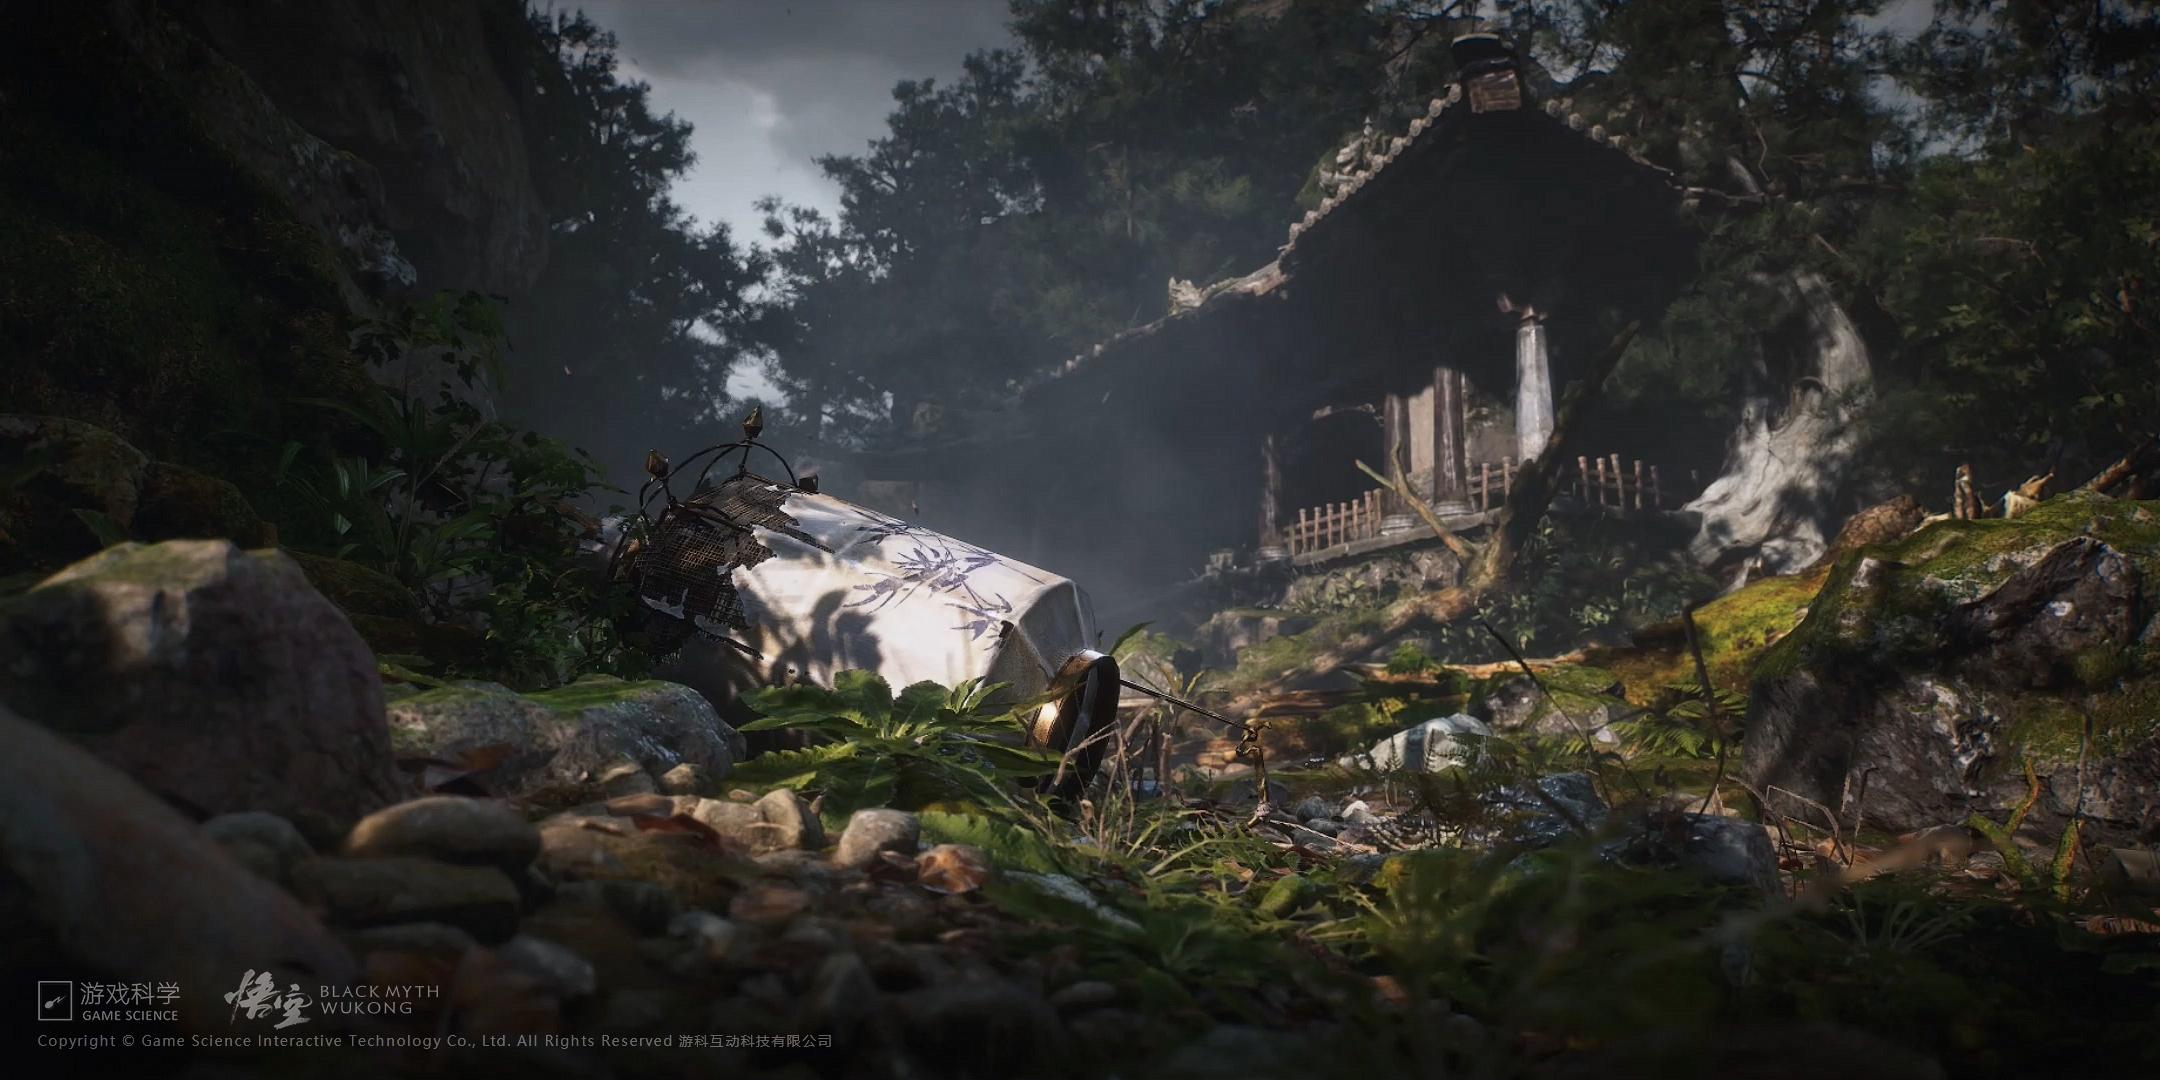 Black Myth: Wu Kong annunciato per Console e PC 19